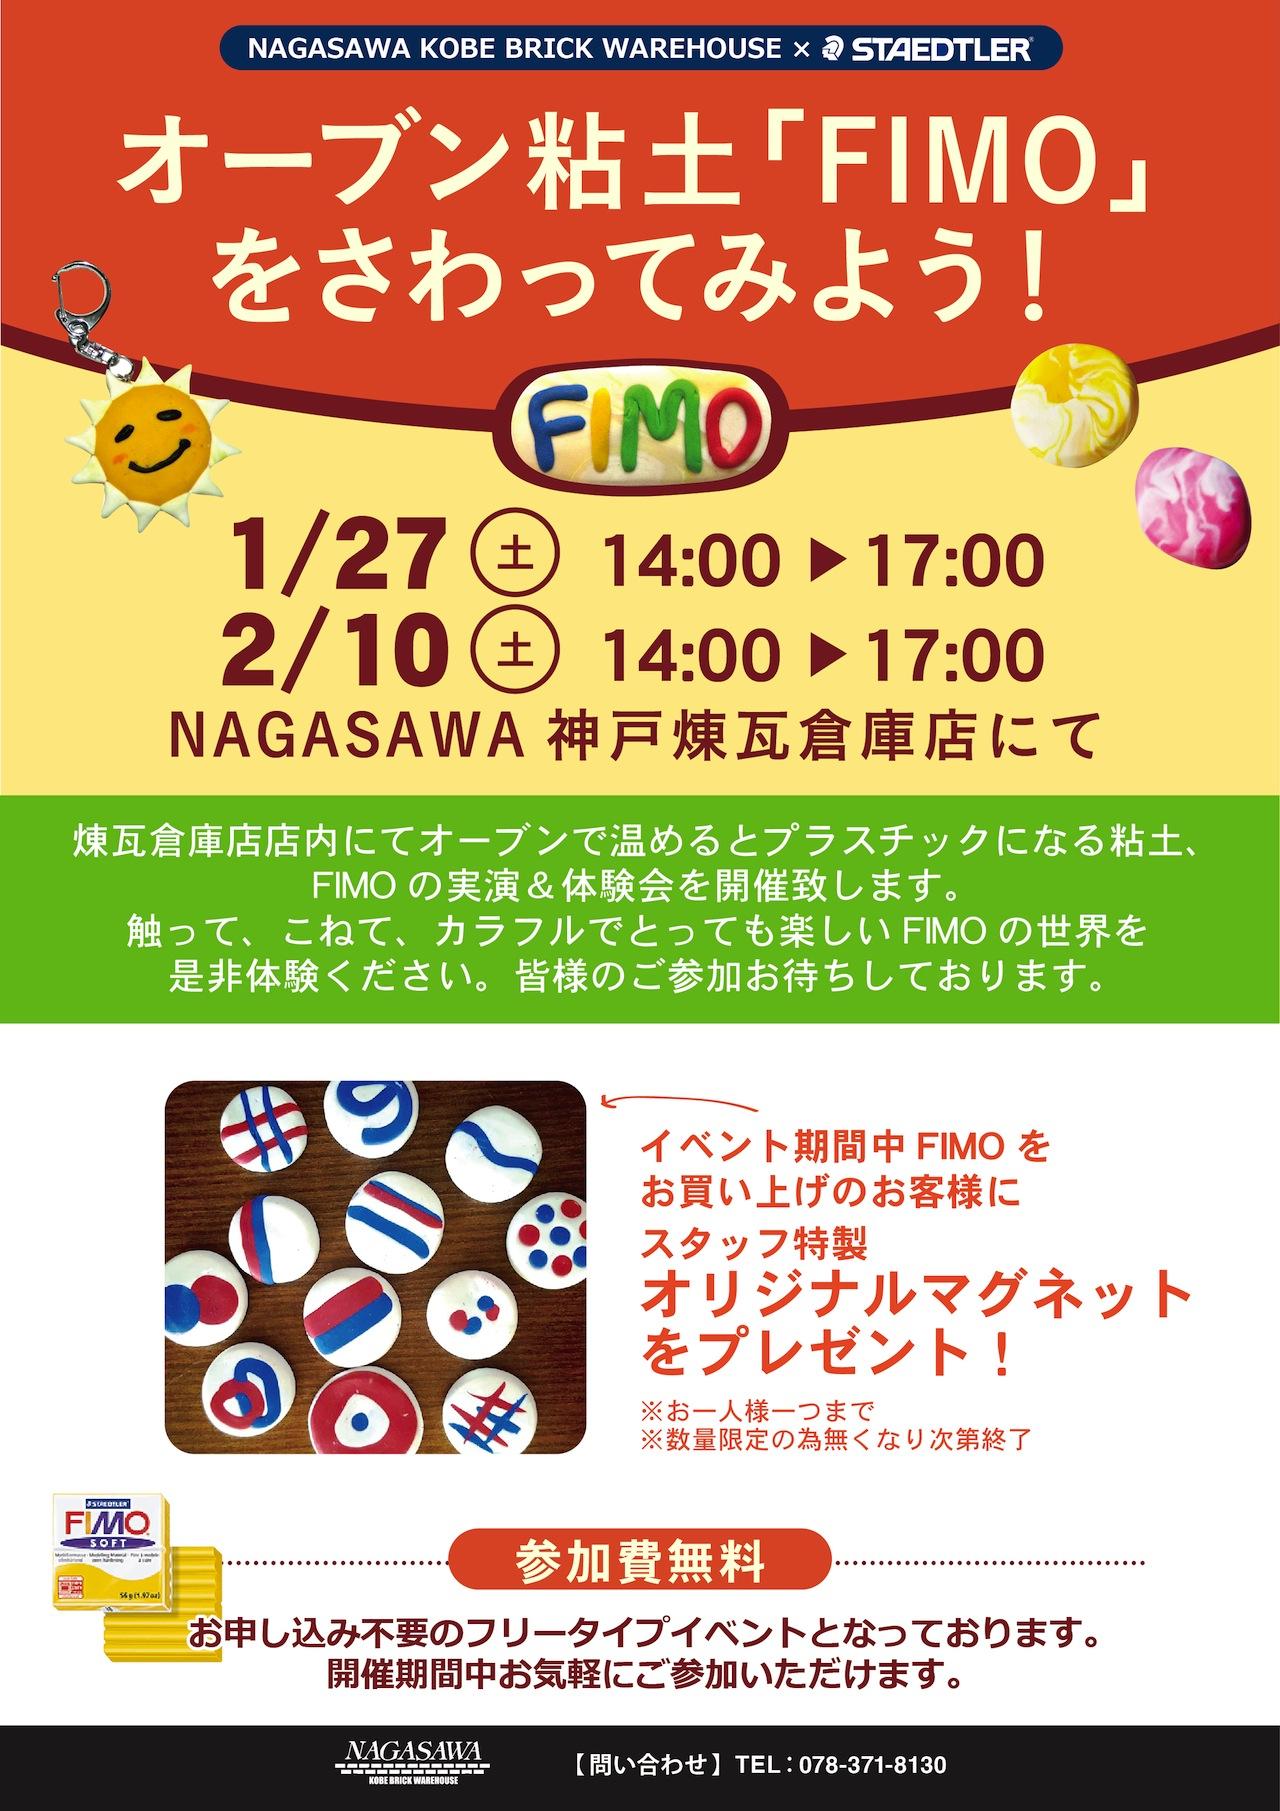 オーブン粘土「FIMO」をさわってみよう! | NAGASAWA神戸煉瓦倉庫店